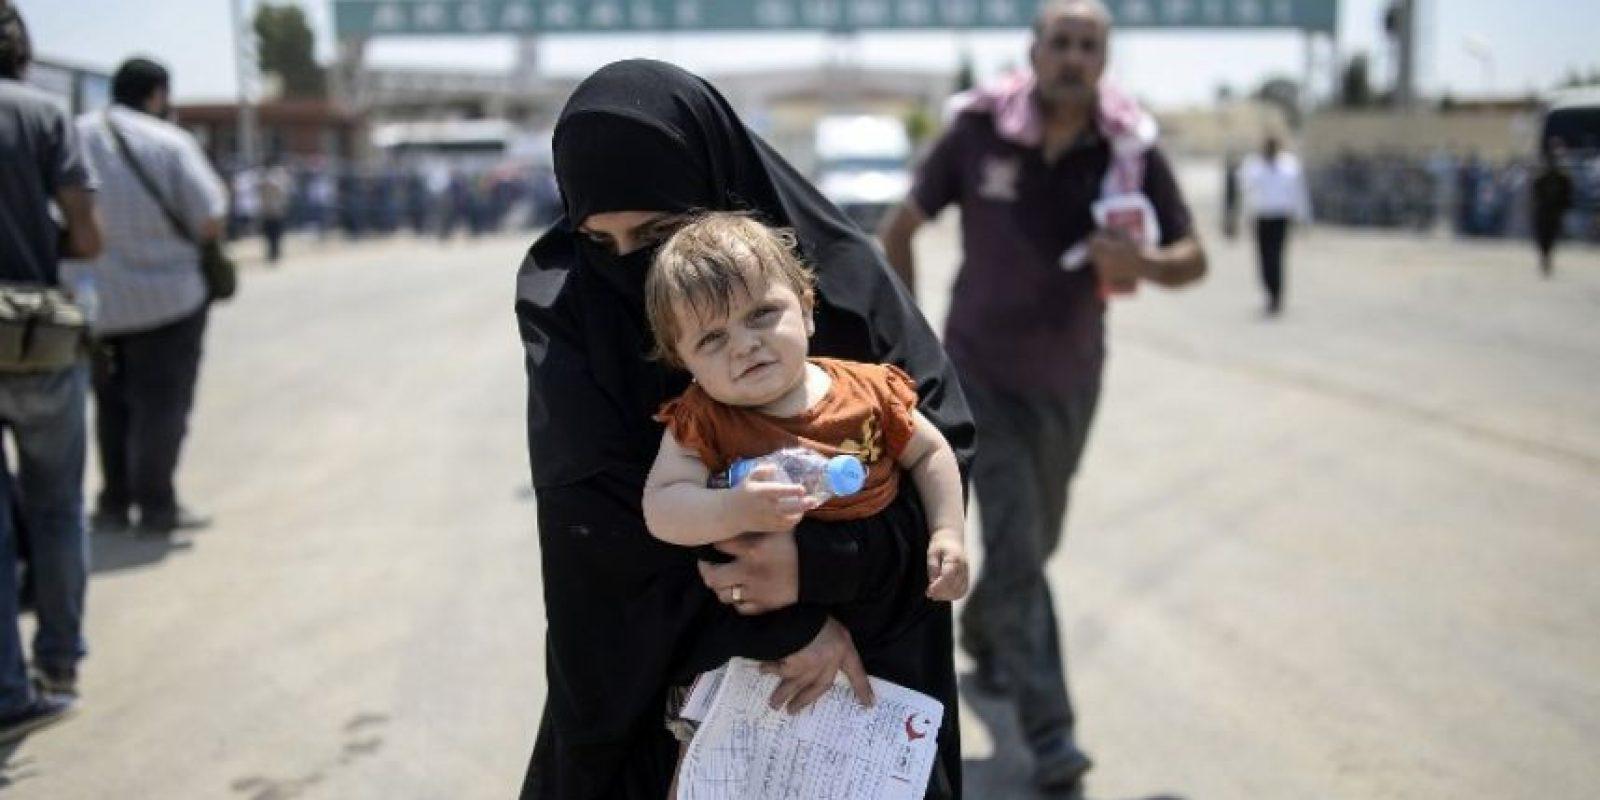 De 30 a 40 años: 75 mil dinares (64.54 dólares) Foto:AFP